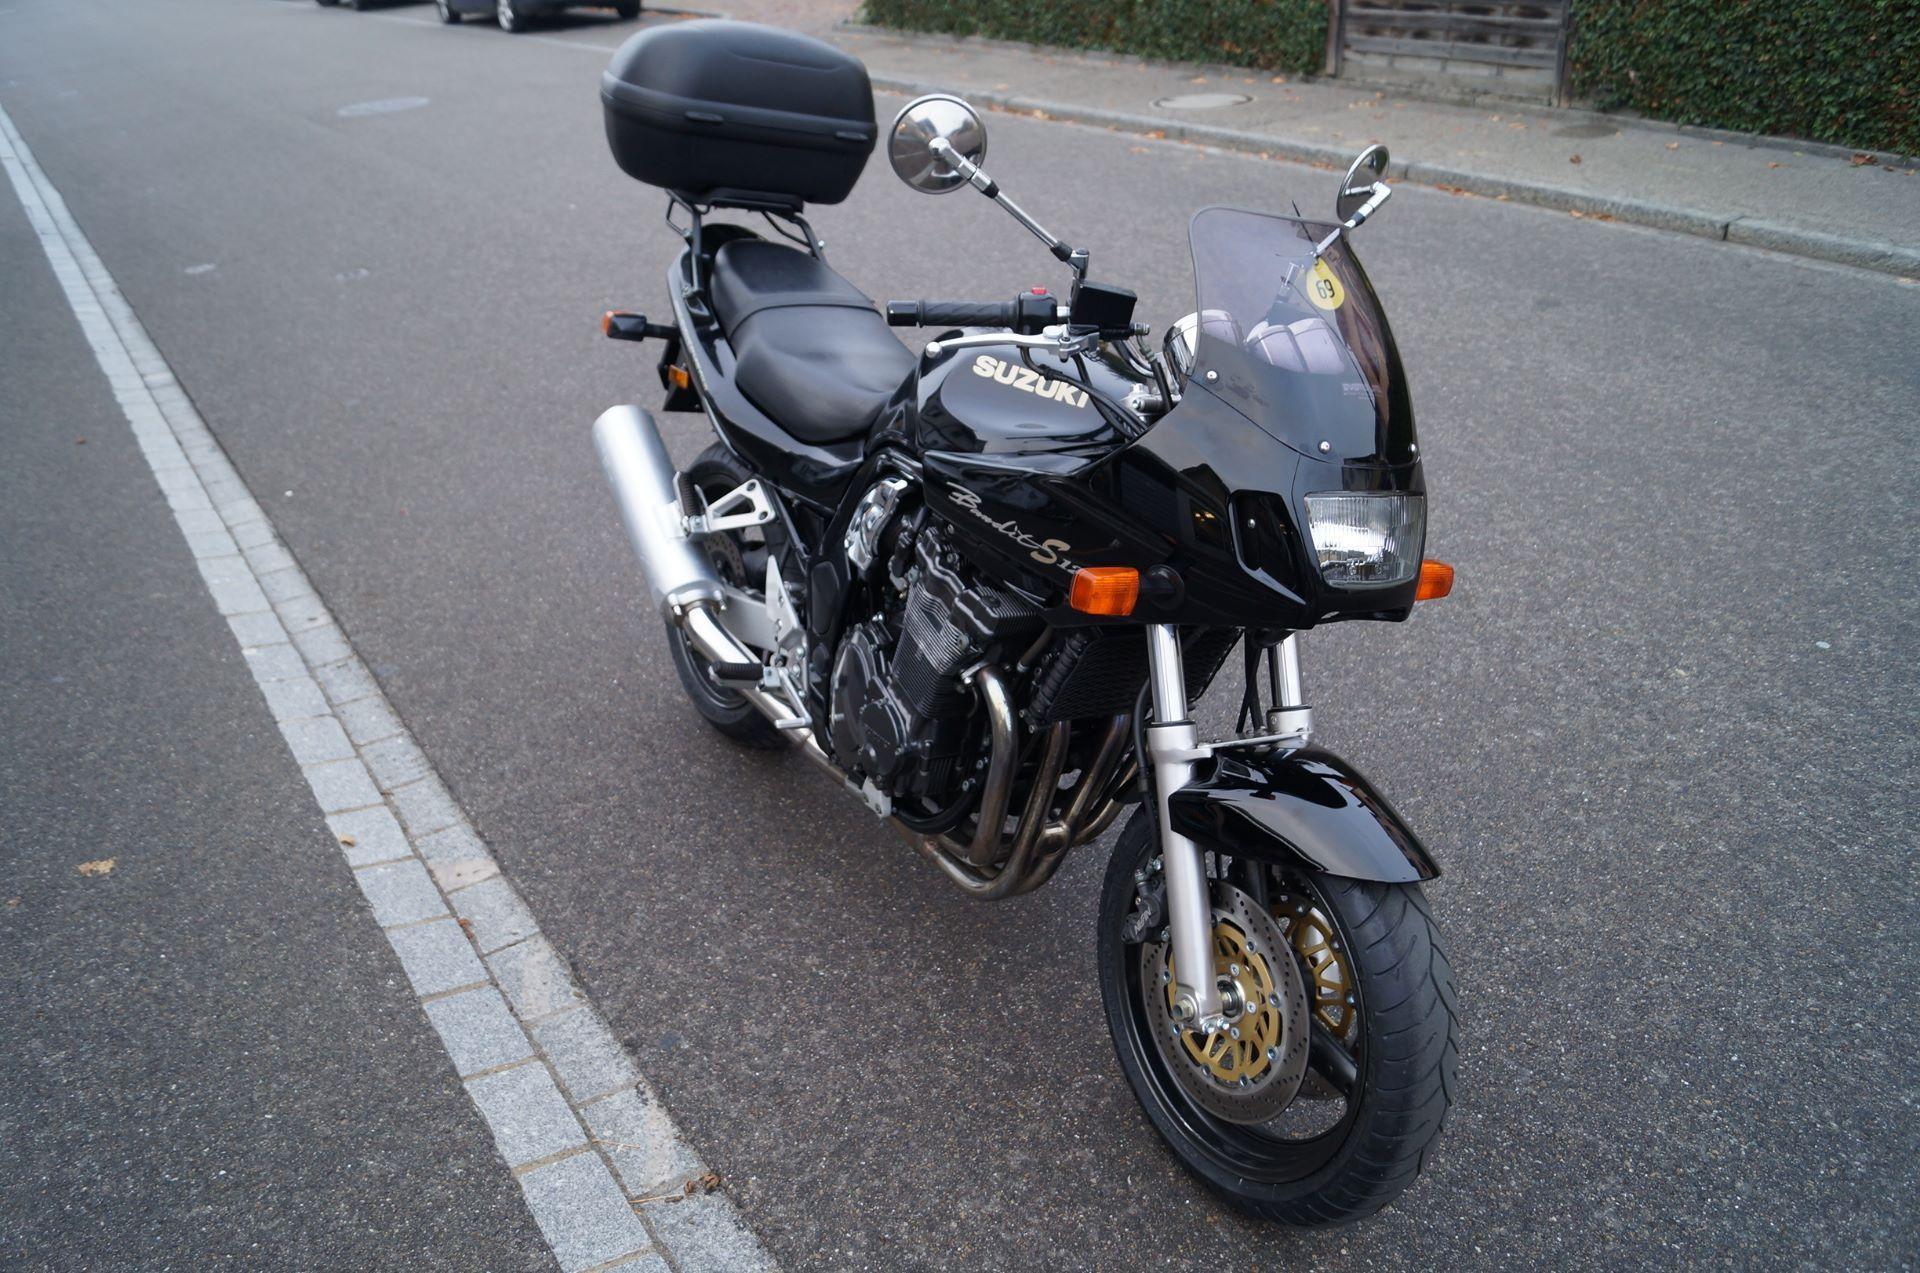 motorrad occasion kaufen suzuki gsf 1200 s bandit scherrer motos ag steckborn. Black Bedroom Furniture Sets. Home Design Ideas